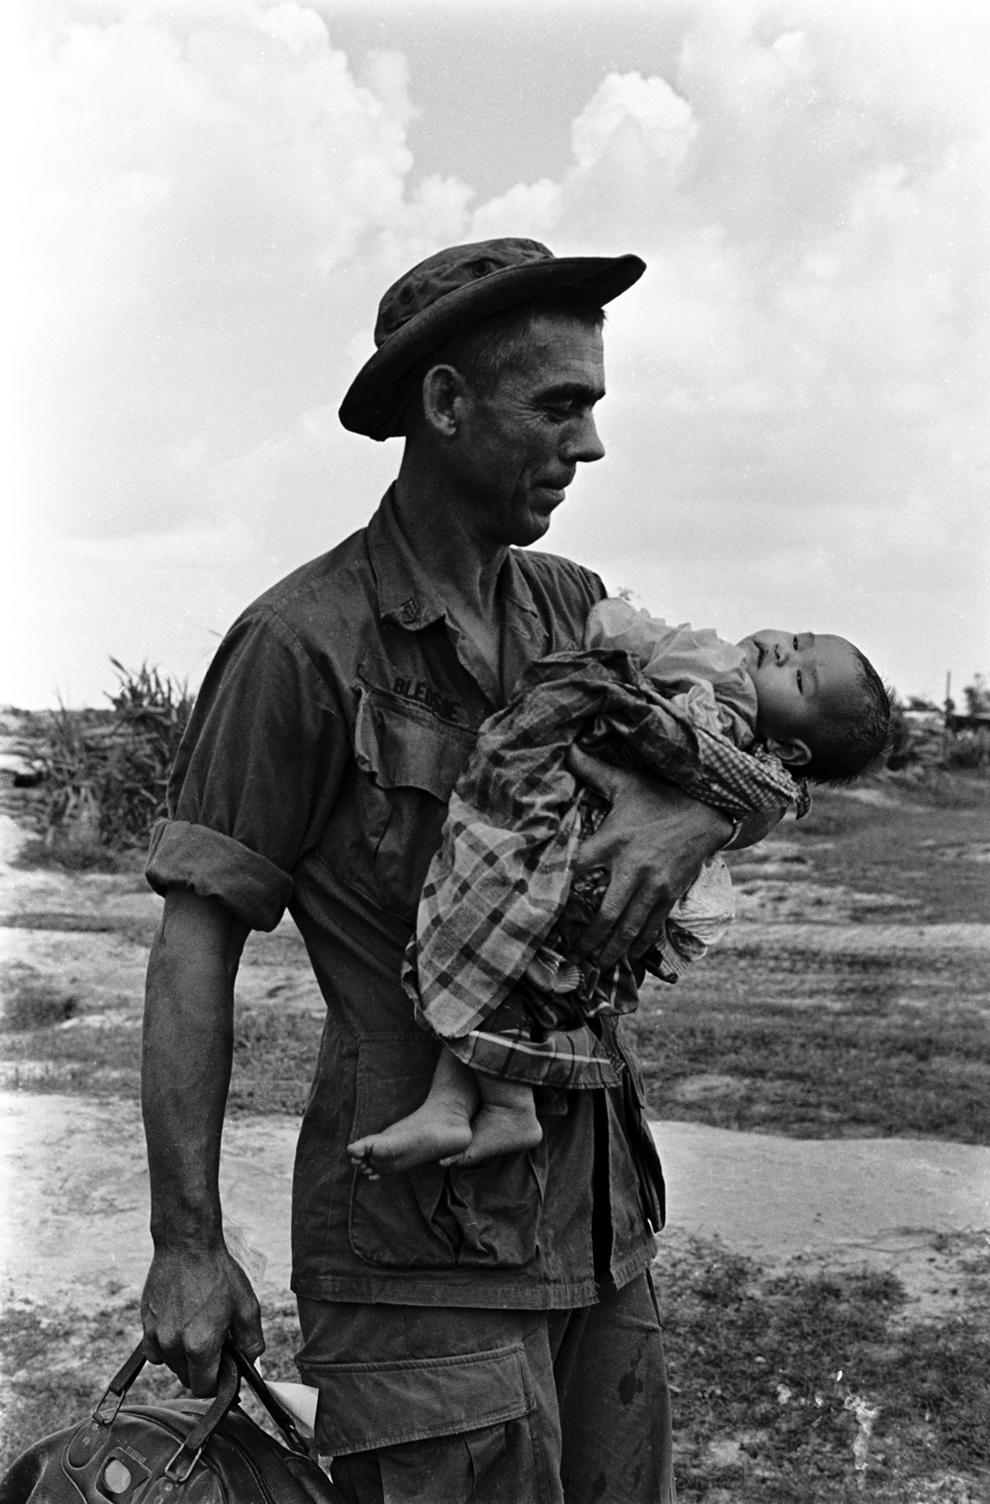 Charlie-Haughey-guerre-du-vietnam-4-lecatalog.com